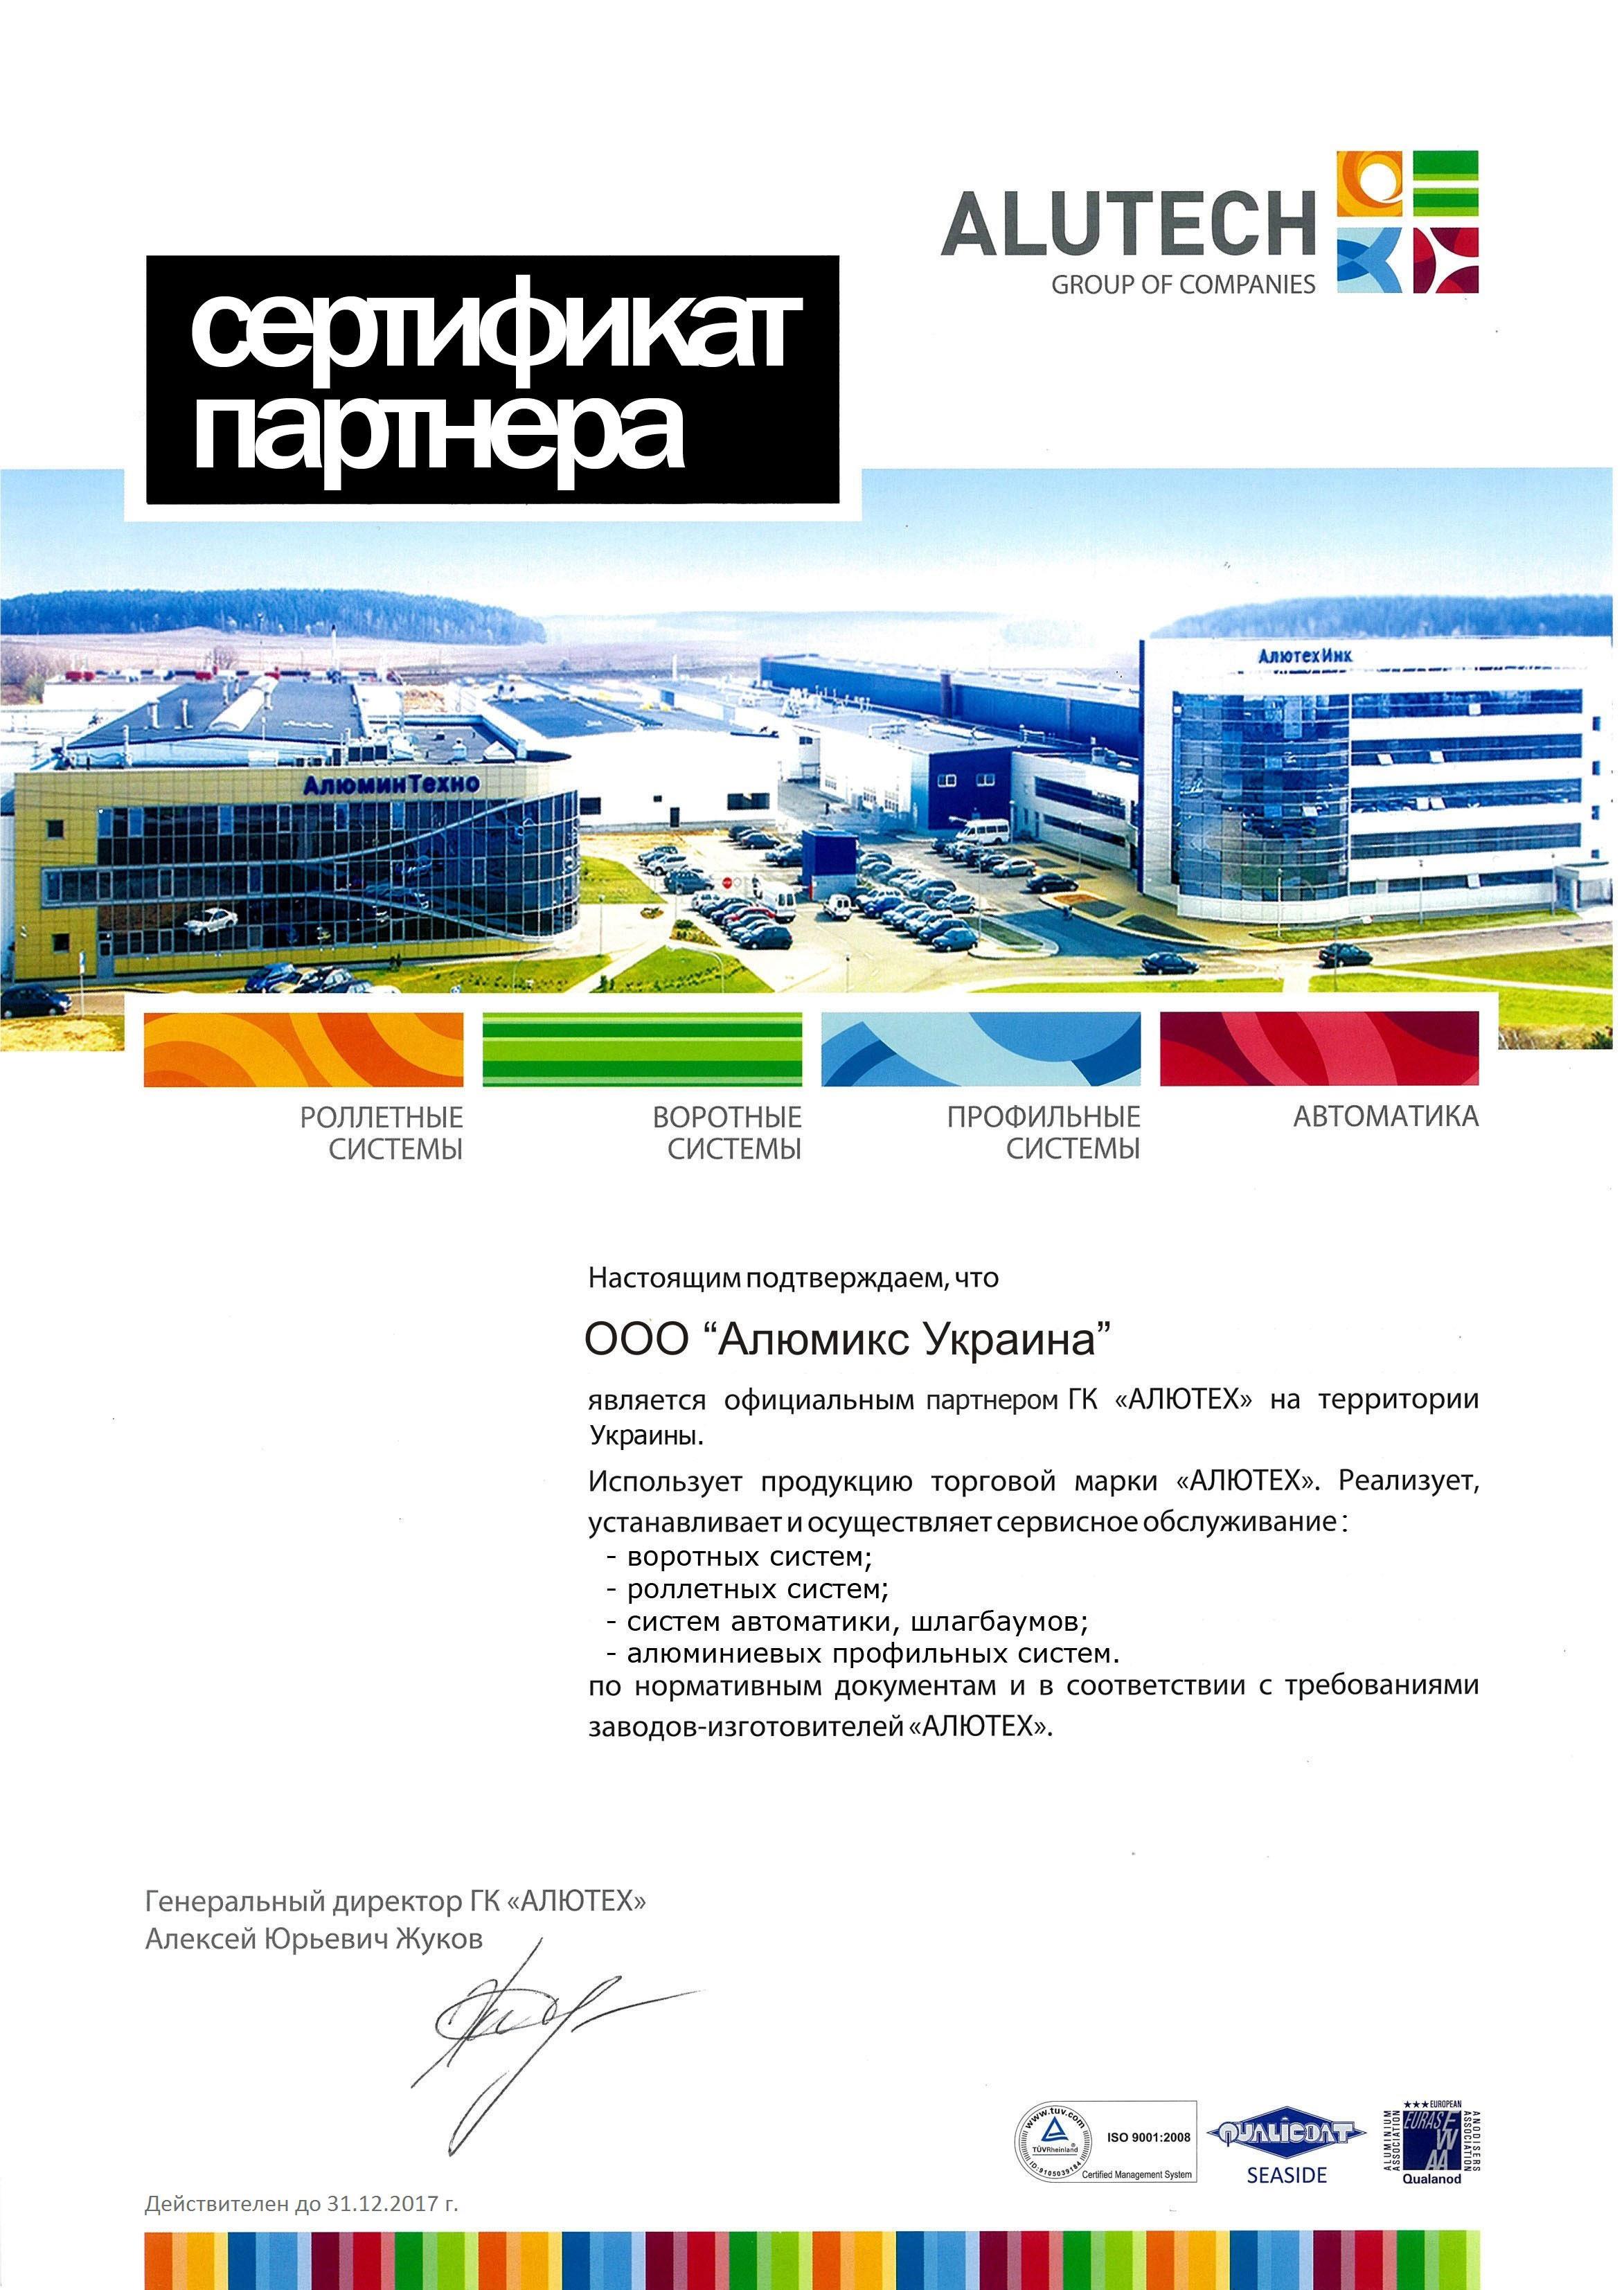 Сертификат партнера ALUTECH